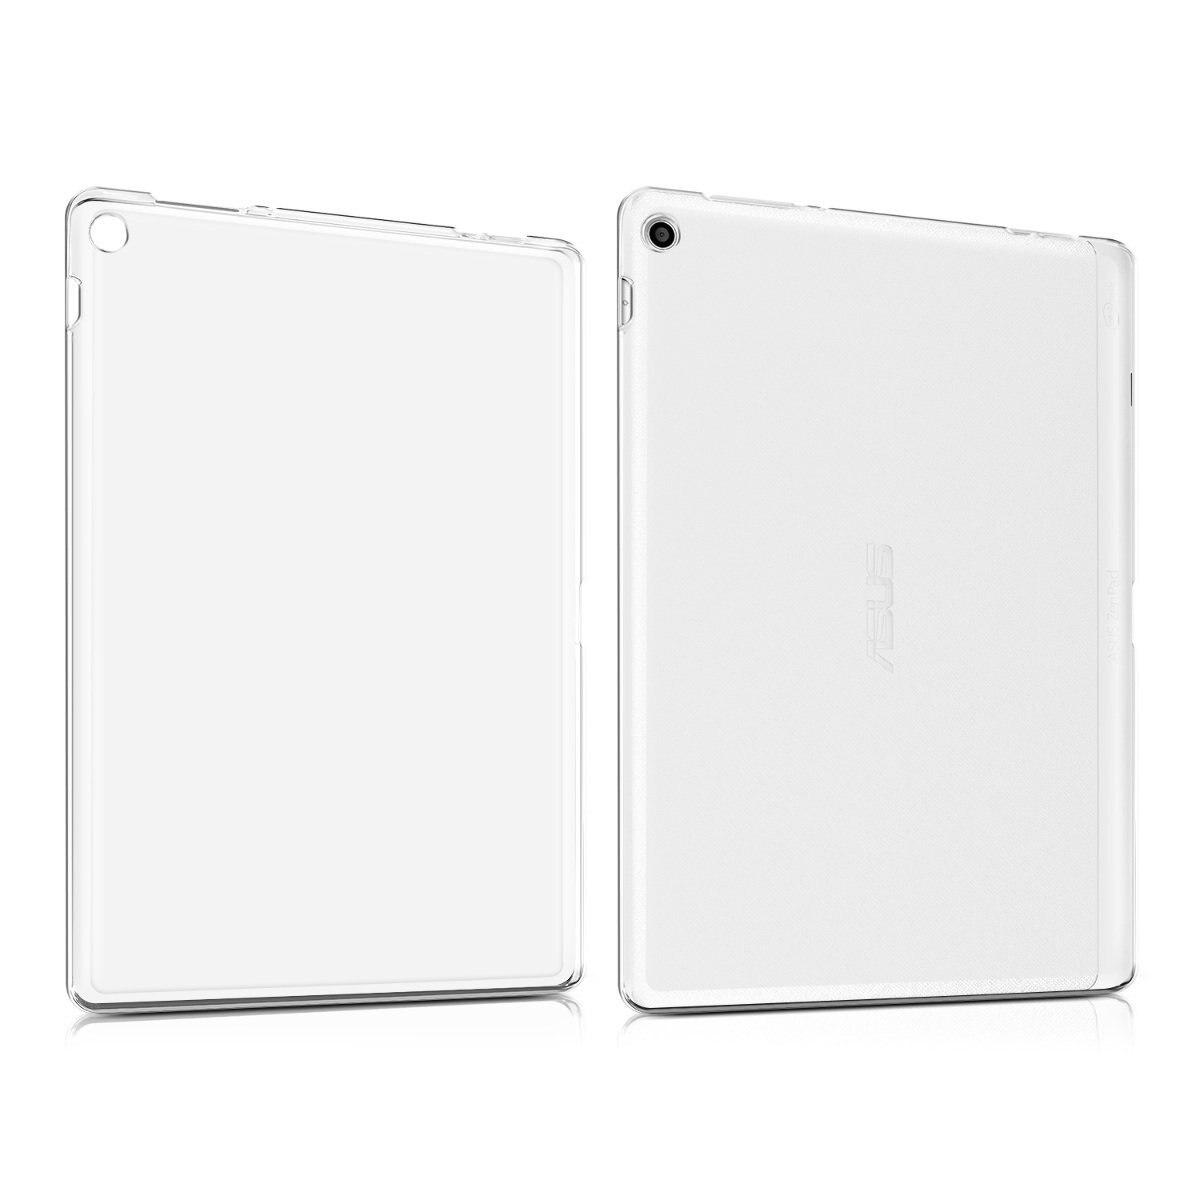 Crystal Case Cover for Asus ZenPad 10 Z301MFL Z300C Z300CL Z300CG Z300 Z300M 10.1 inch Tablet TPU Silicone Case Protective Cover